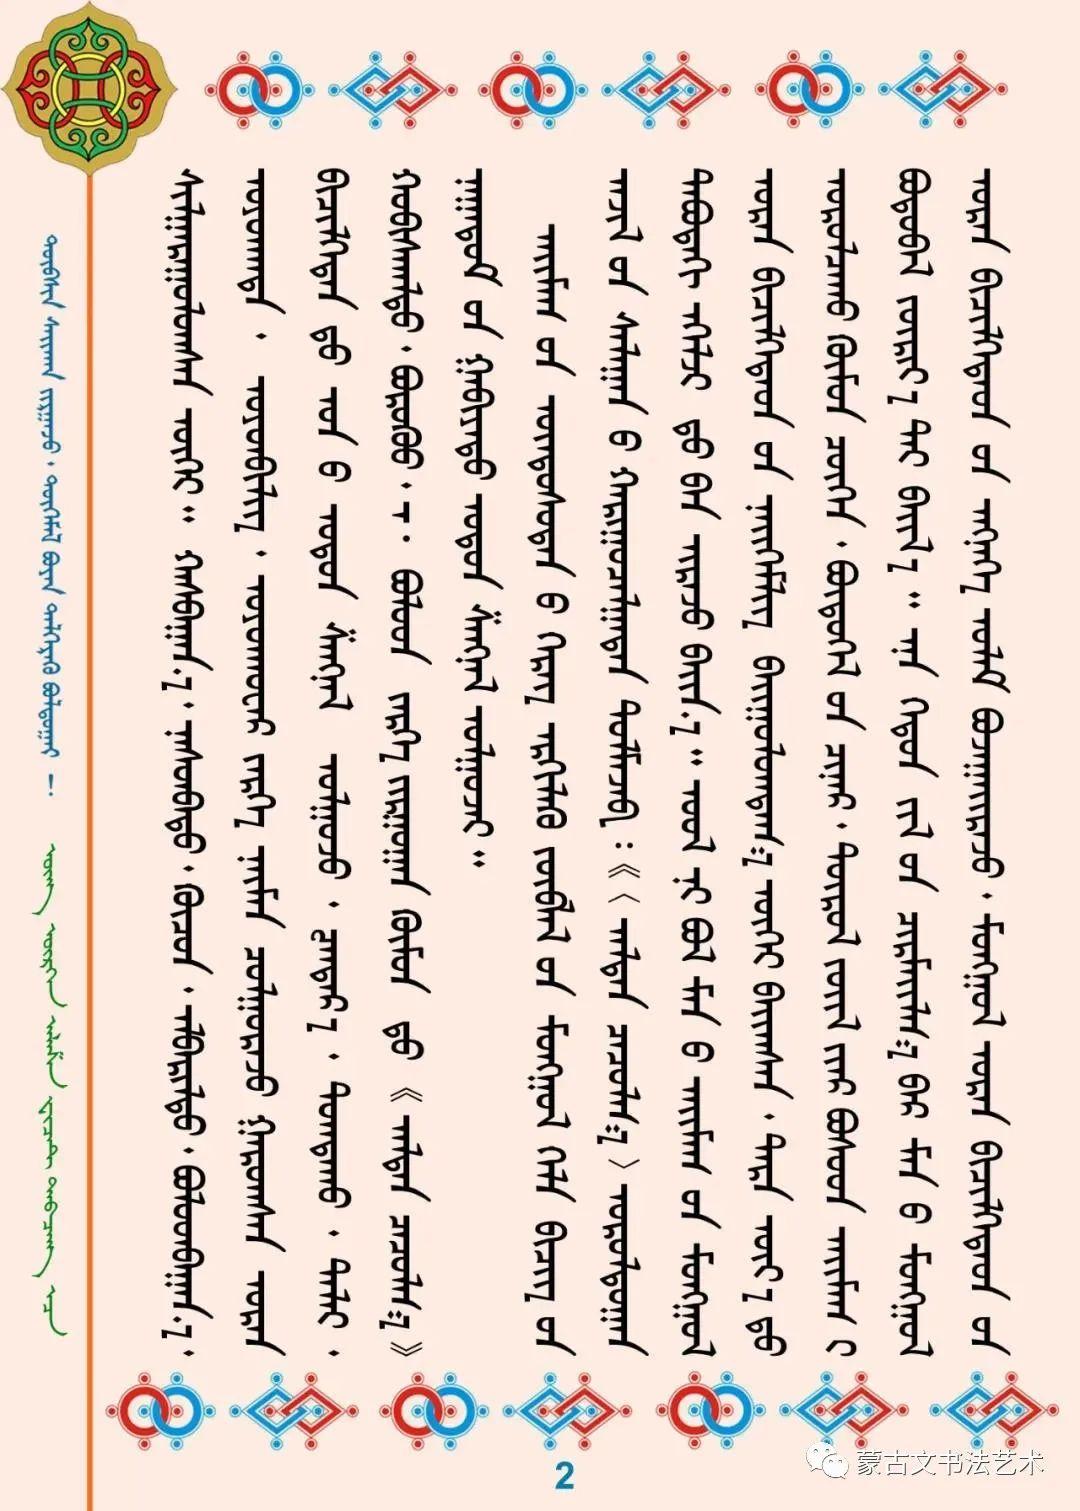 《金戈杯》蒙古文书法大赛颁奖典礼暨作品展让你一饱眼福 第2张 《金戈杯》蒙古文书法大赛颁奖典礼暨作品展让你一饱眼福 蒙古书法